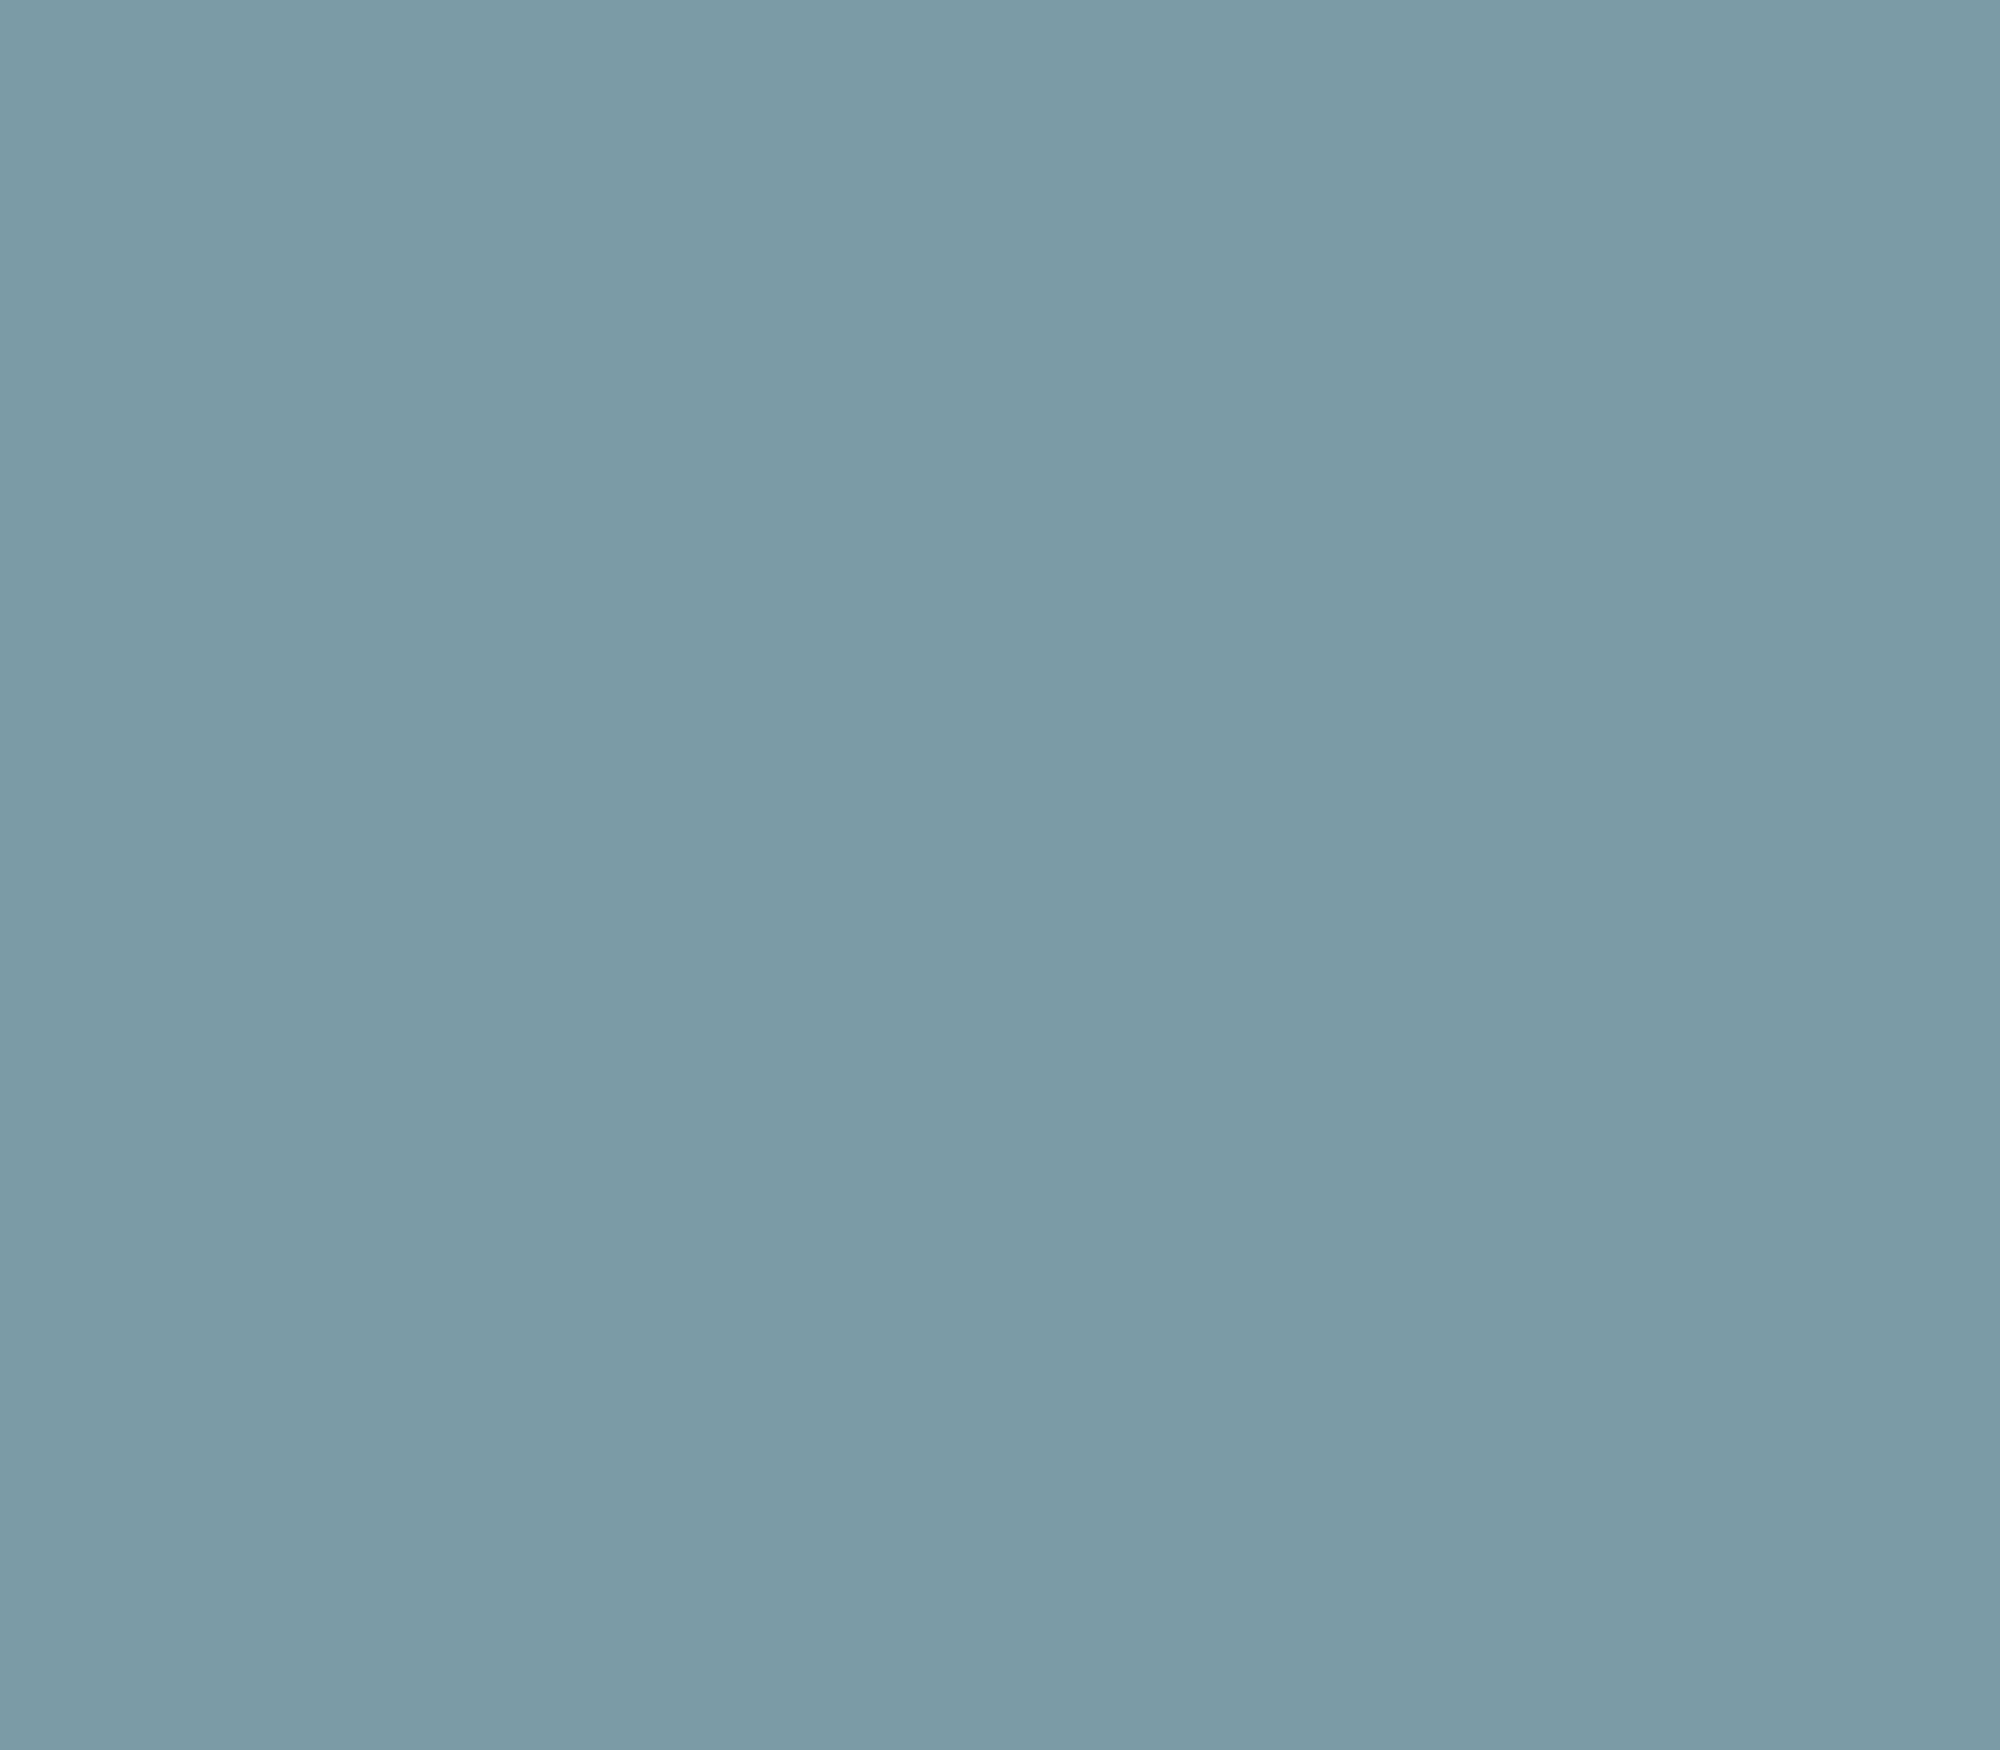 Ericsson logo color.png